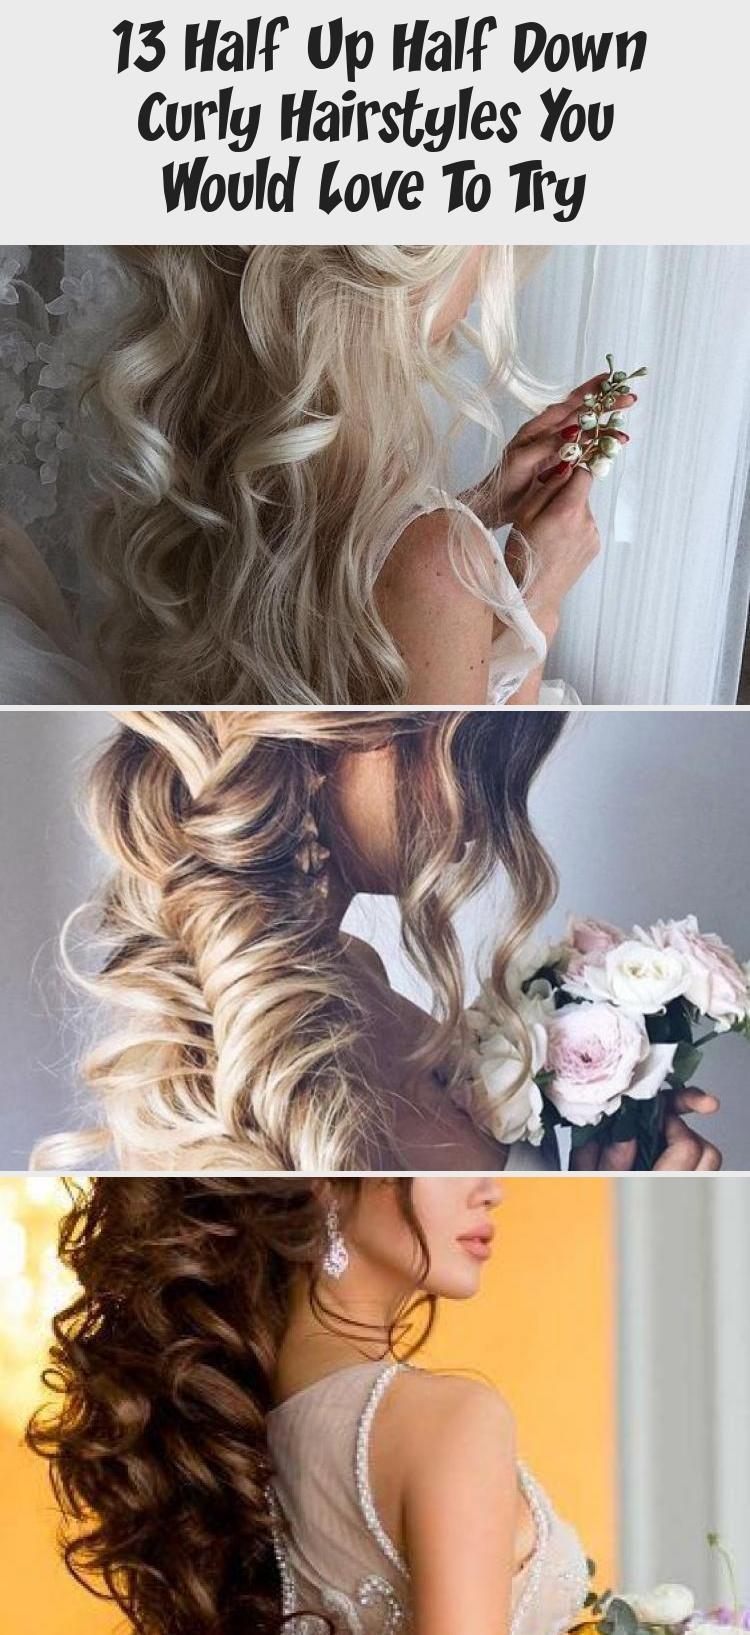 13 Half Up Half Down Lockige Frisuren, die Sie gerne ausprobieren würden – Schönheit